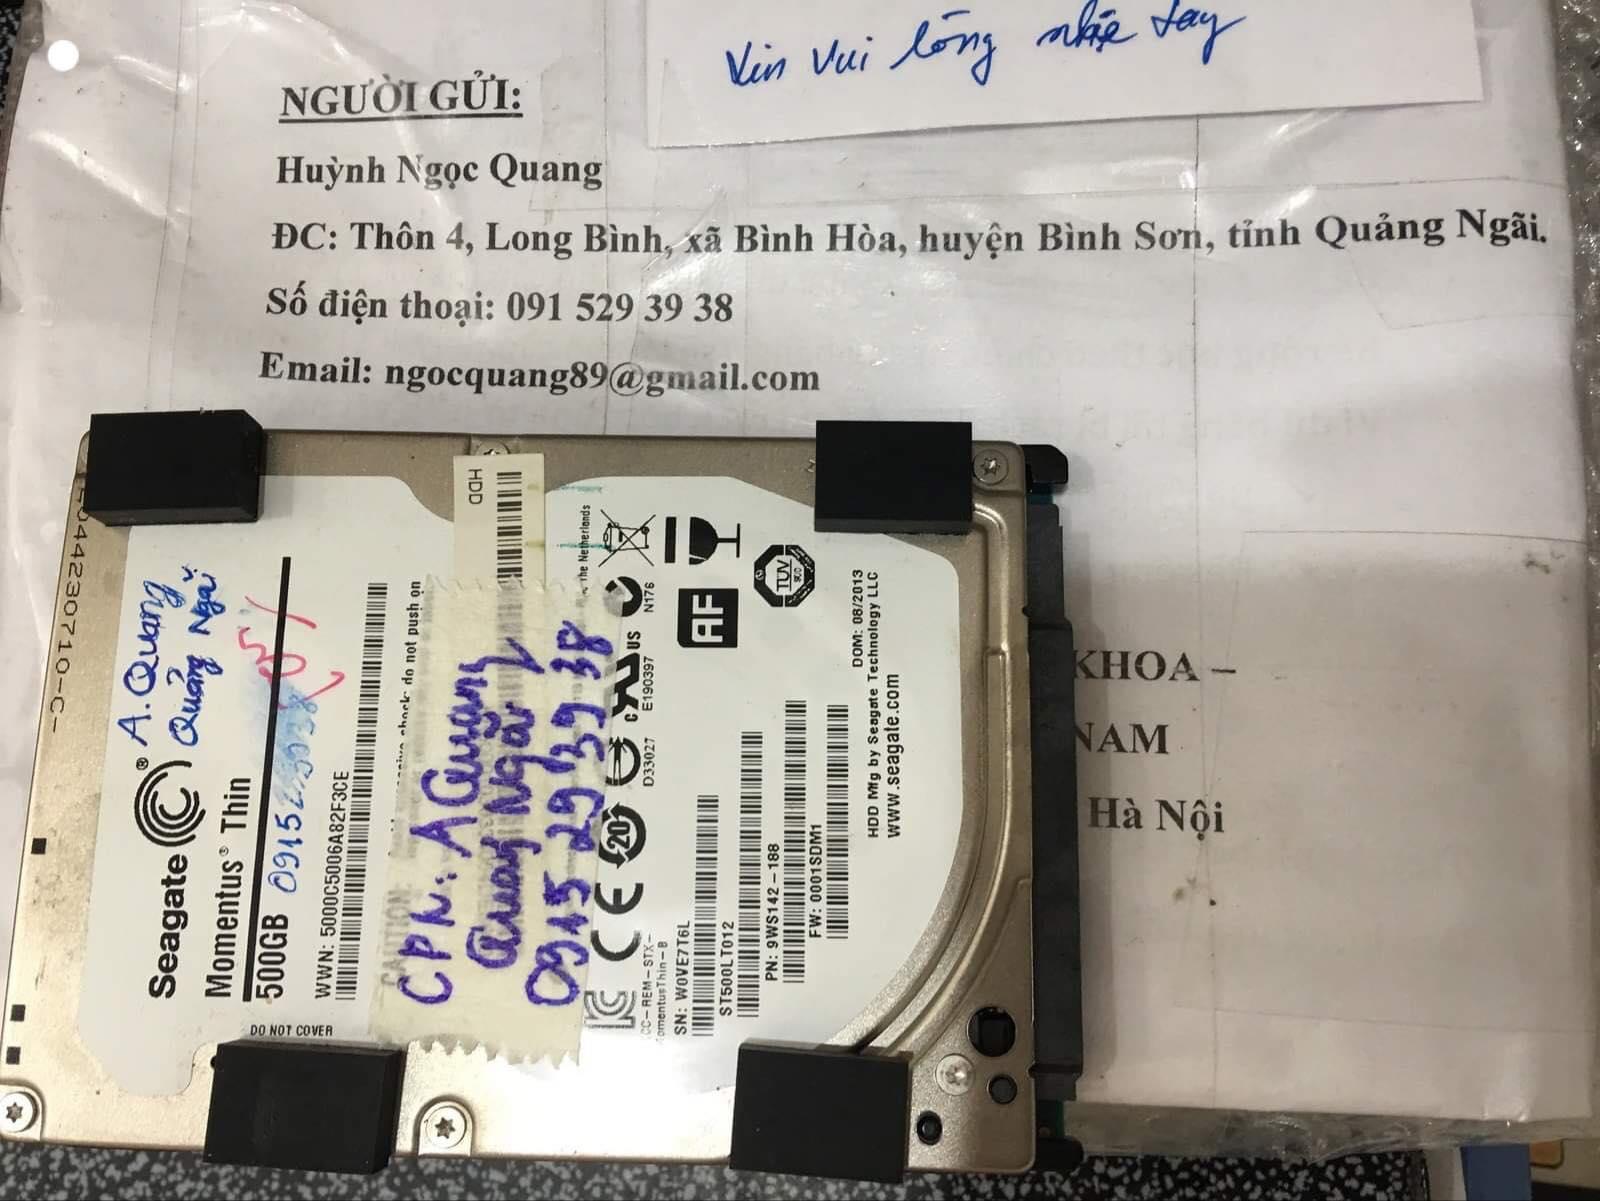 Lấy dữ liệu ổ cứng Seagate 500GB lỗi đầu đọc tại Quảng Ngãi 17/12/2019 - cuumaytinh